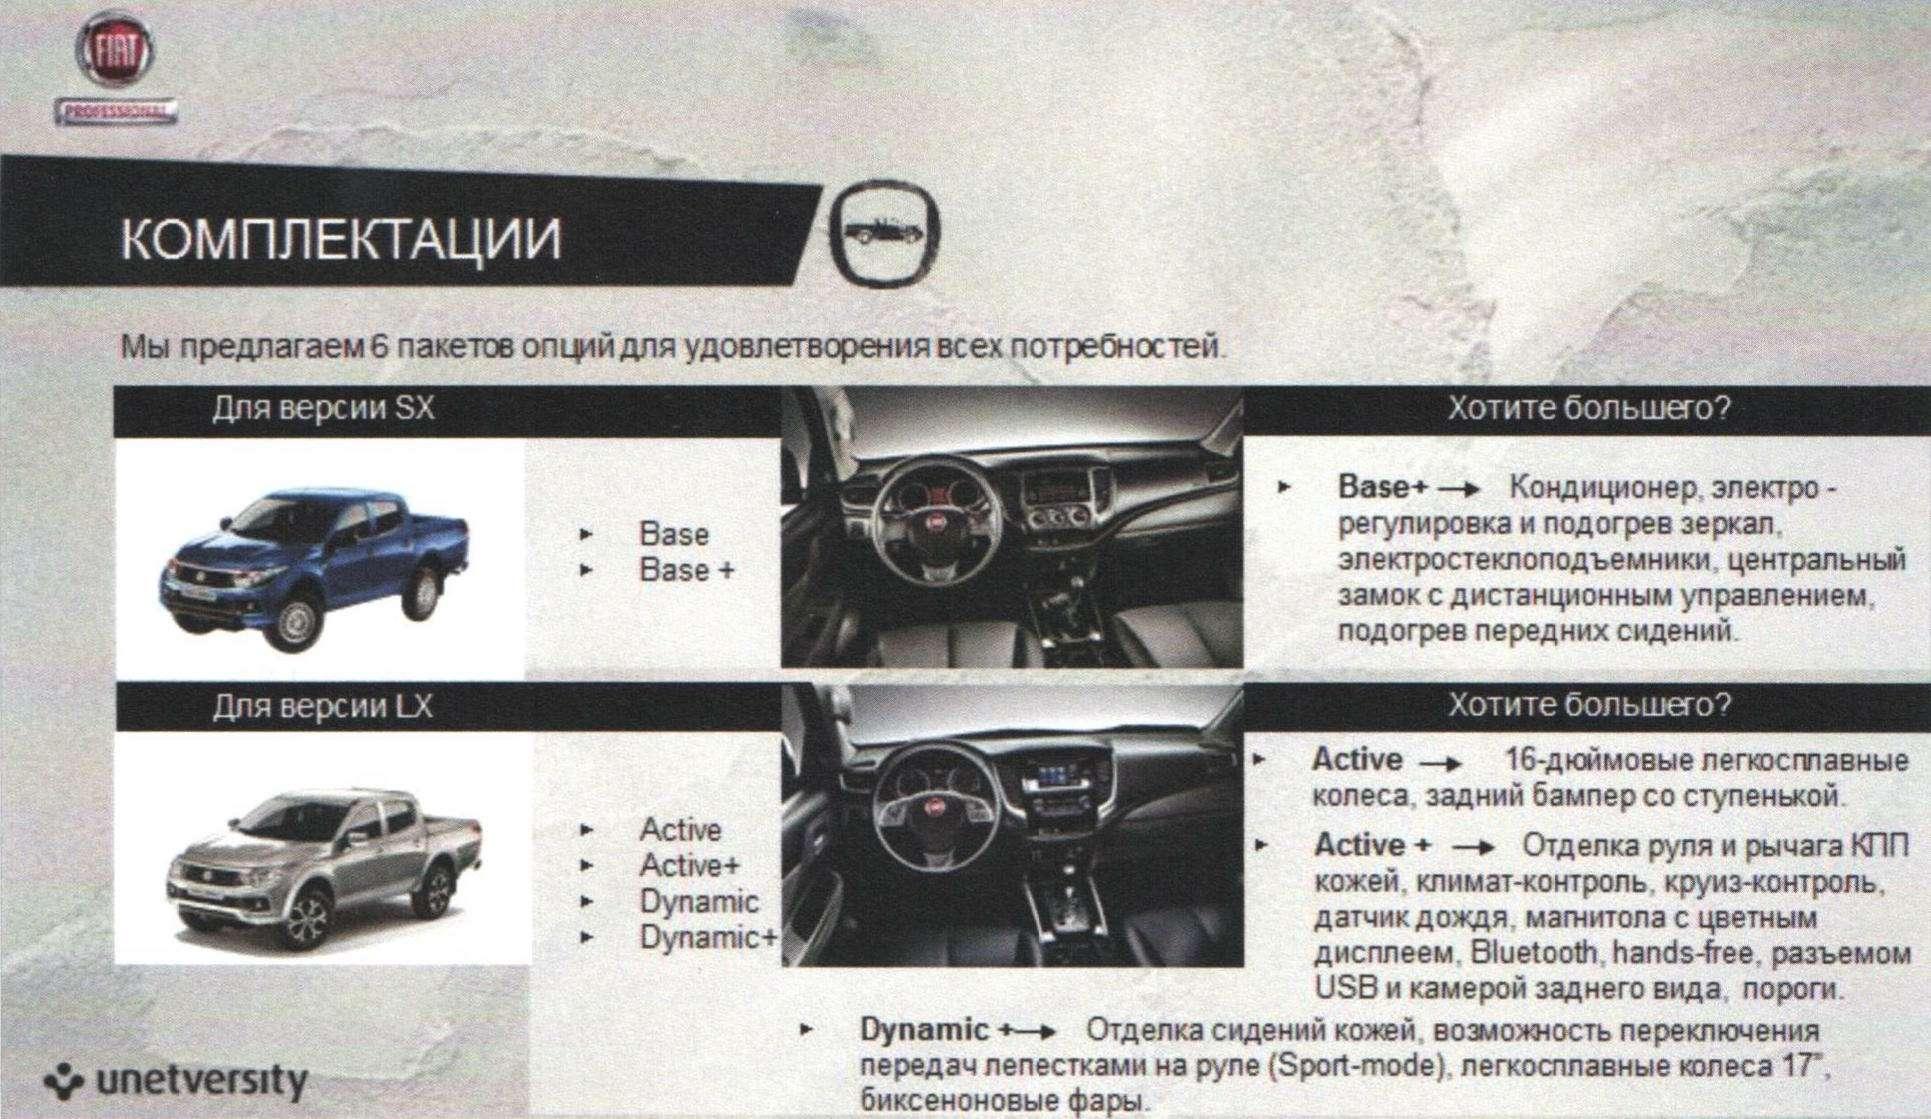 Пикап Fiat Fullback: старт продаж вРоссии, цены икомплектации— фото 600177